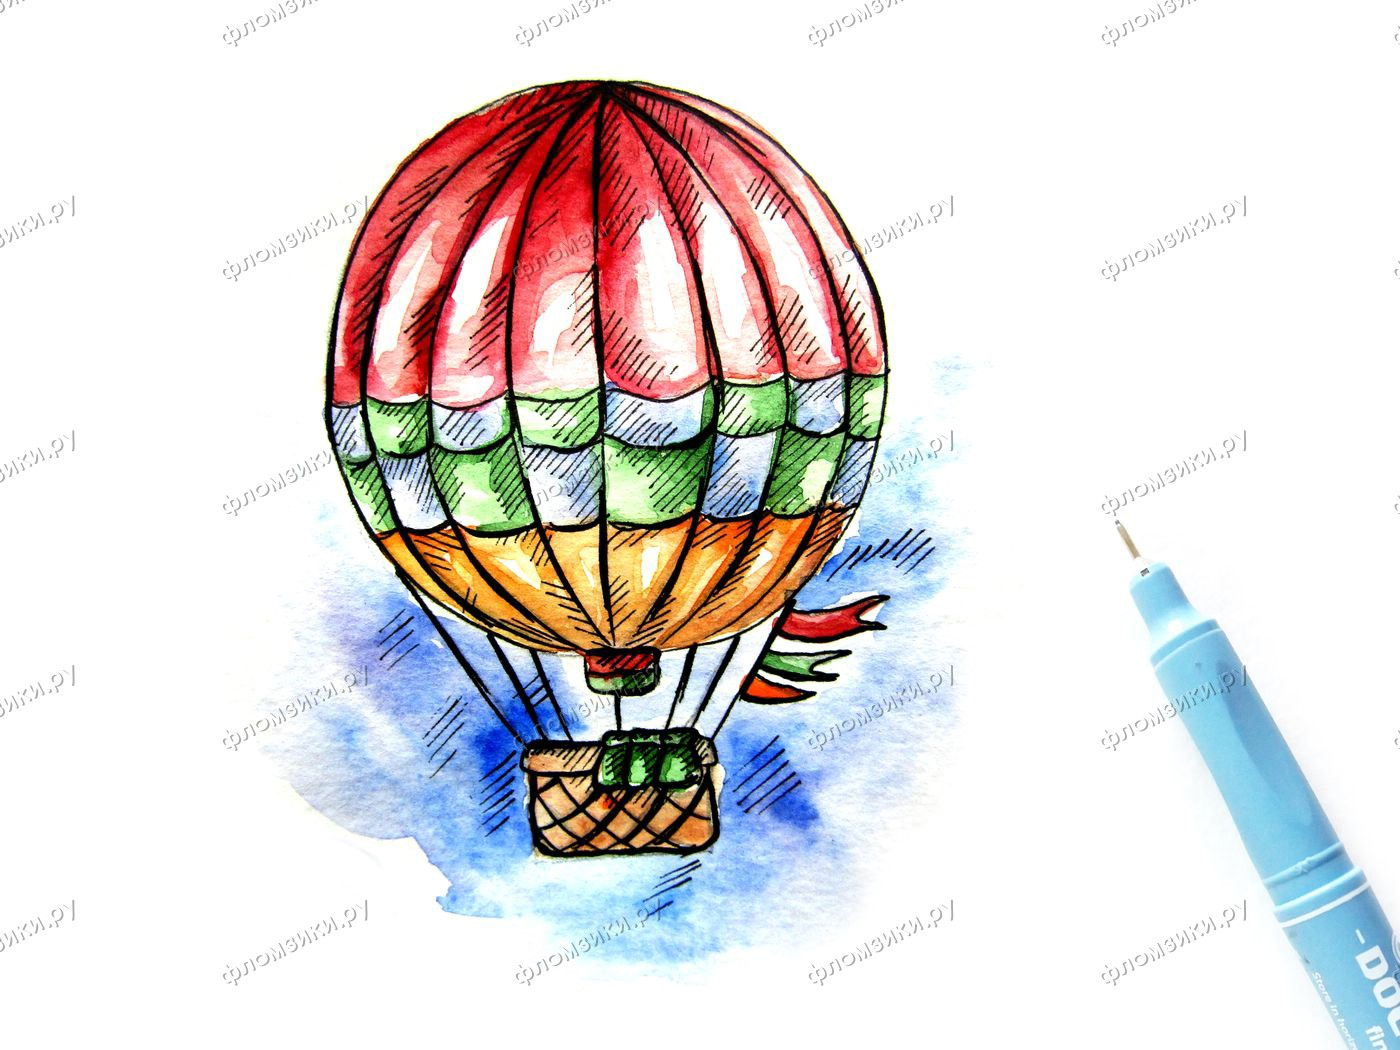 Как нарисовать воздушный шар с корзиной